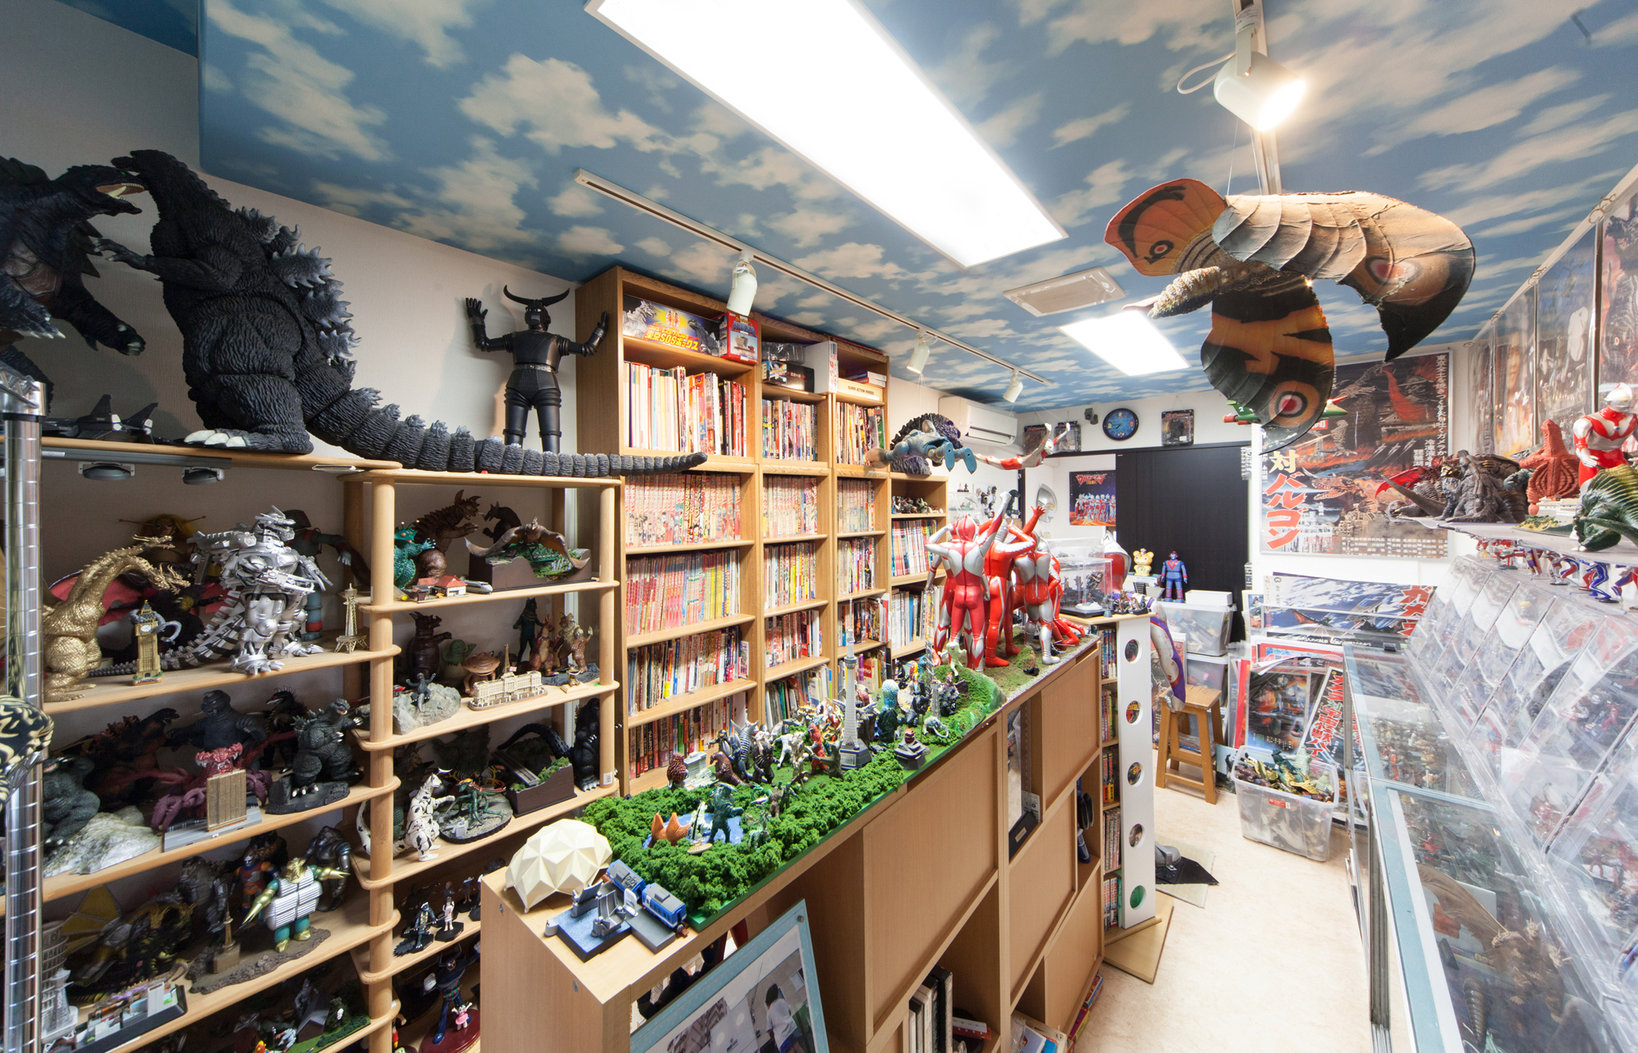 怪獣ミュージアムの館内。人形だけではなく、雑誌、ポスター、ソノシートなど怪獣に関連する様々なグッズを展示